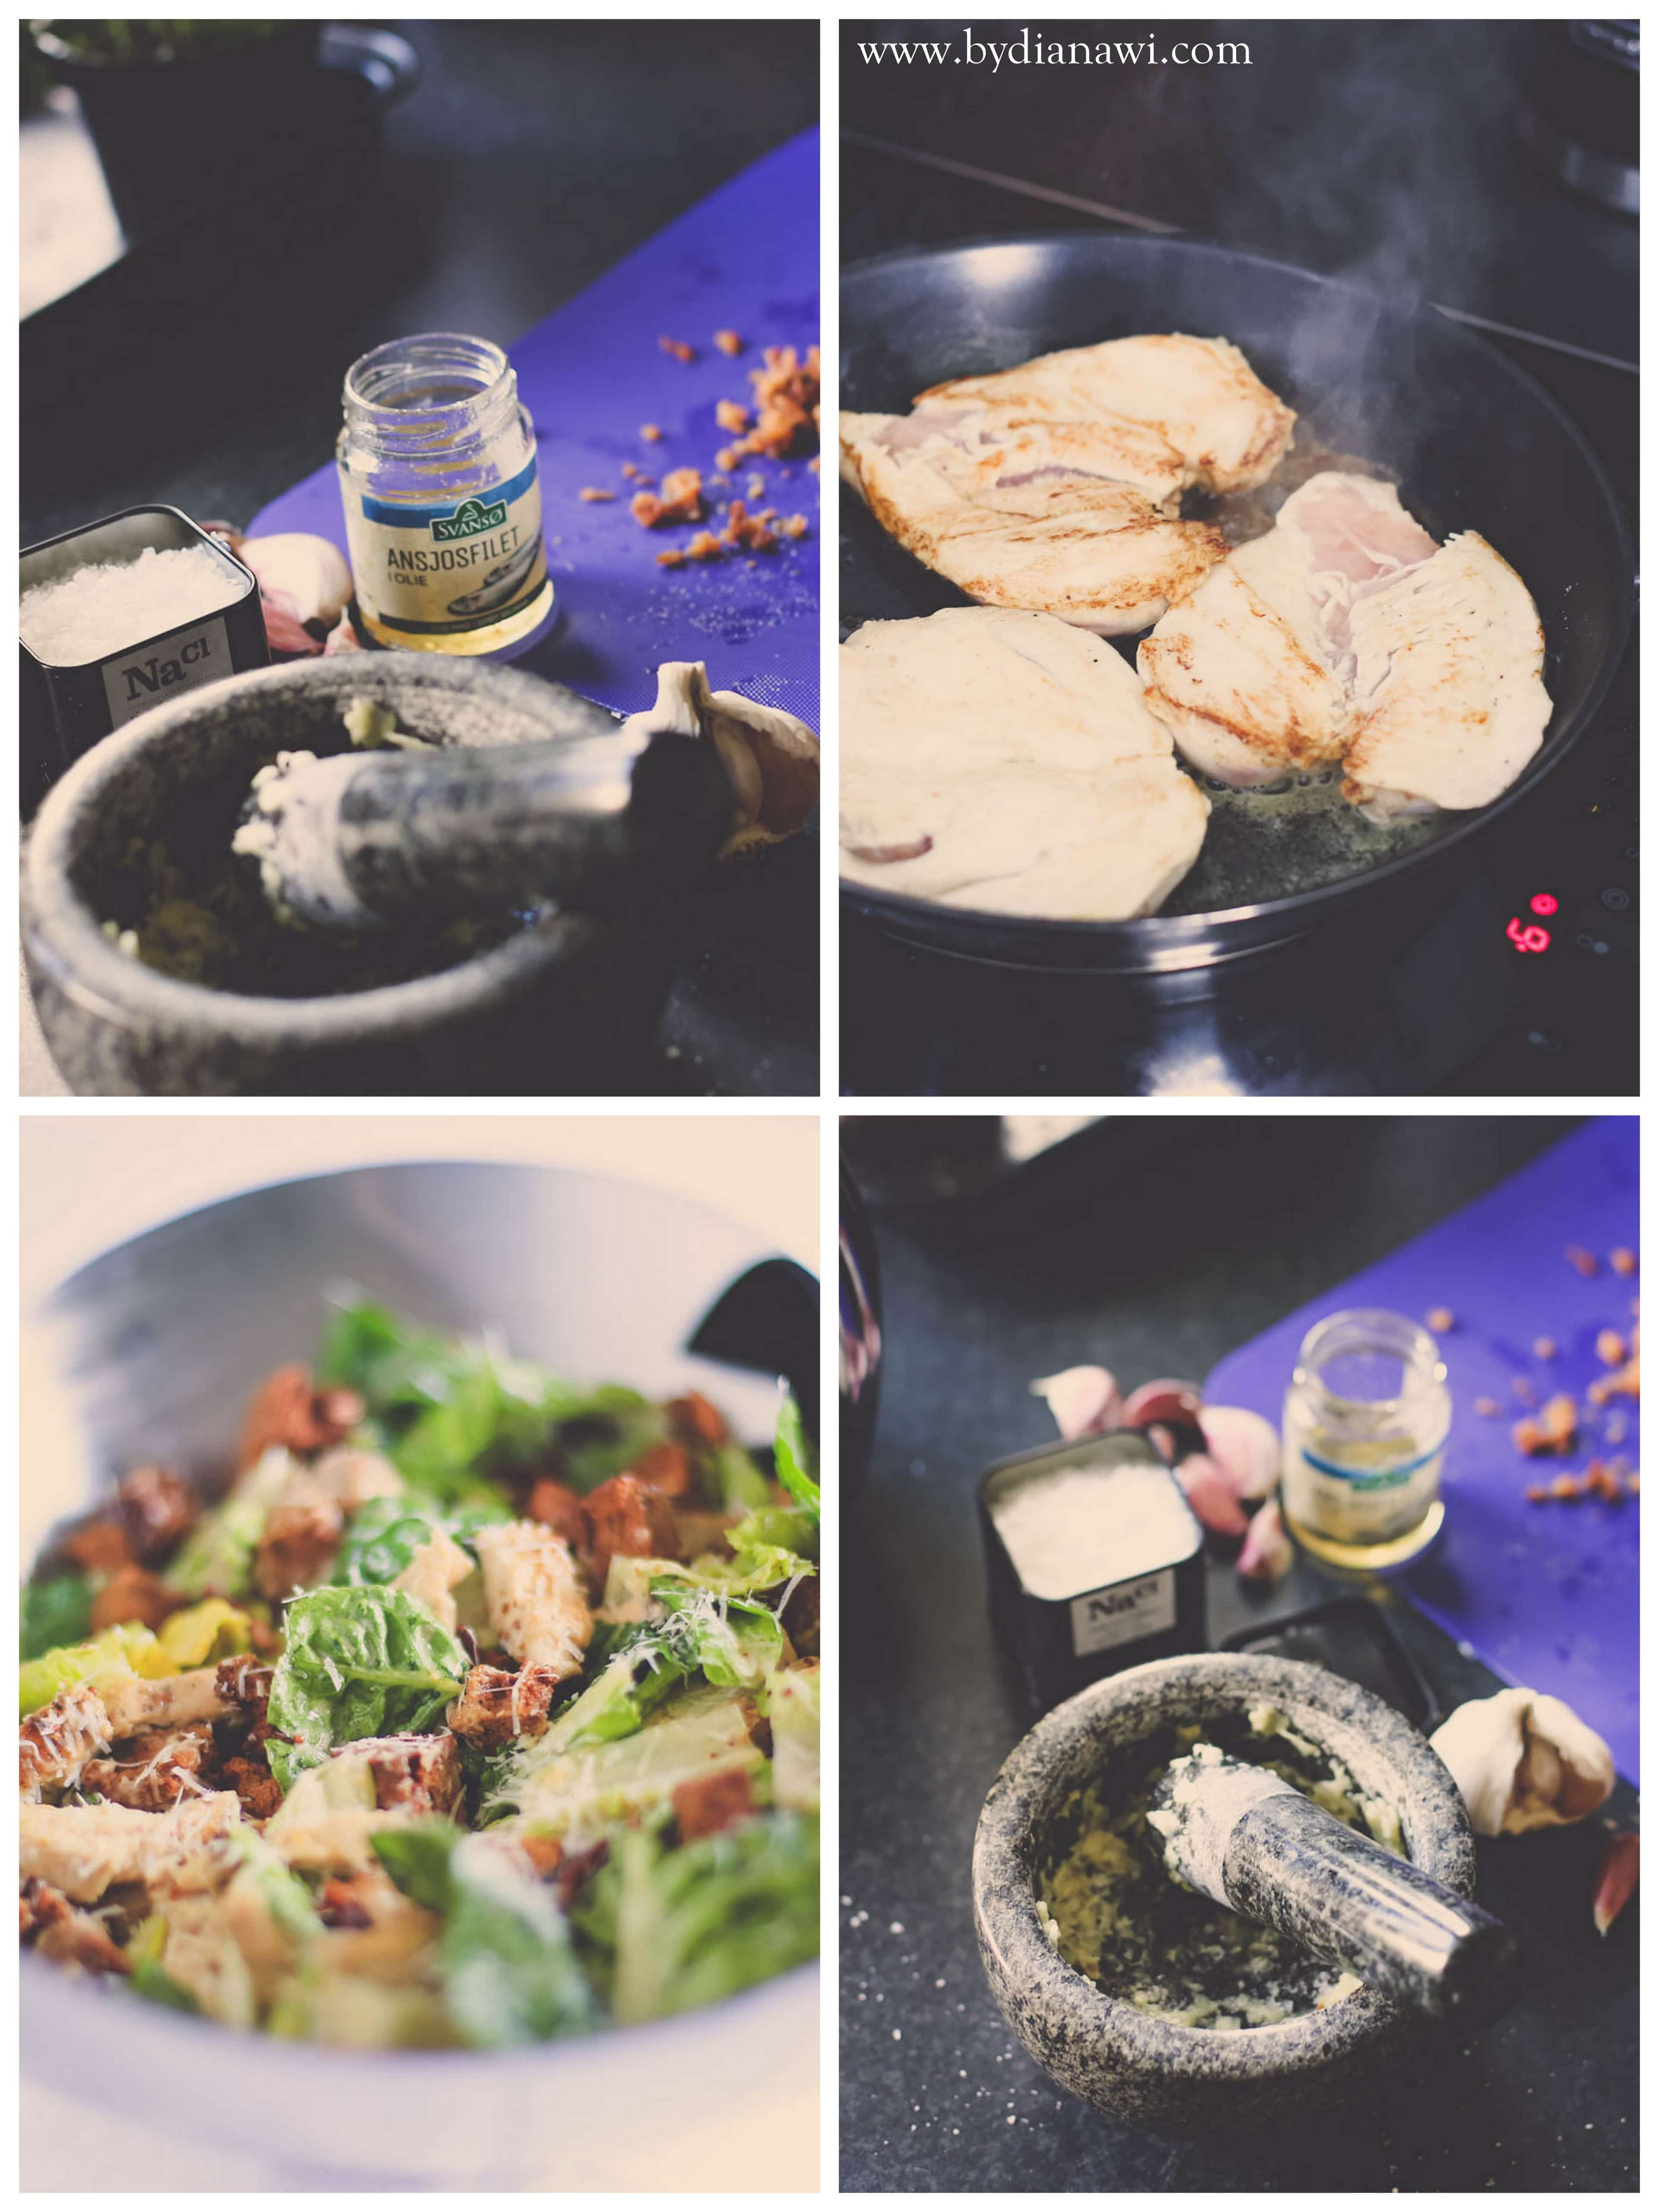 sådan steger du kyllingefilet saftigt og mørt, cæsar salat opskrift